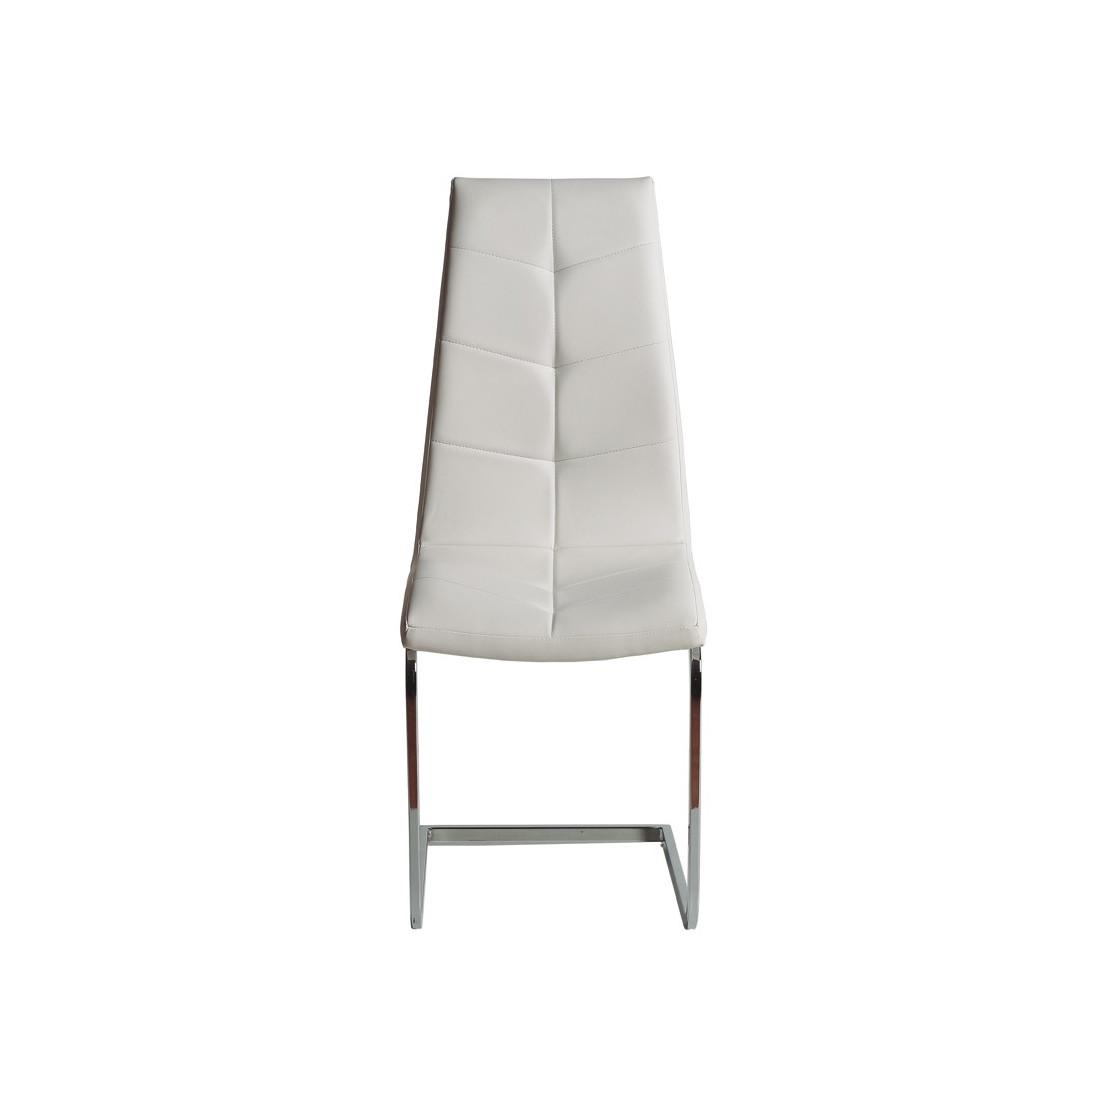 duo de chaises simili cuir blanc spartacus tousmesmeubles. Black Bedroom Furniture Sets. Home Design Ideas